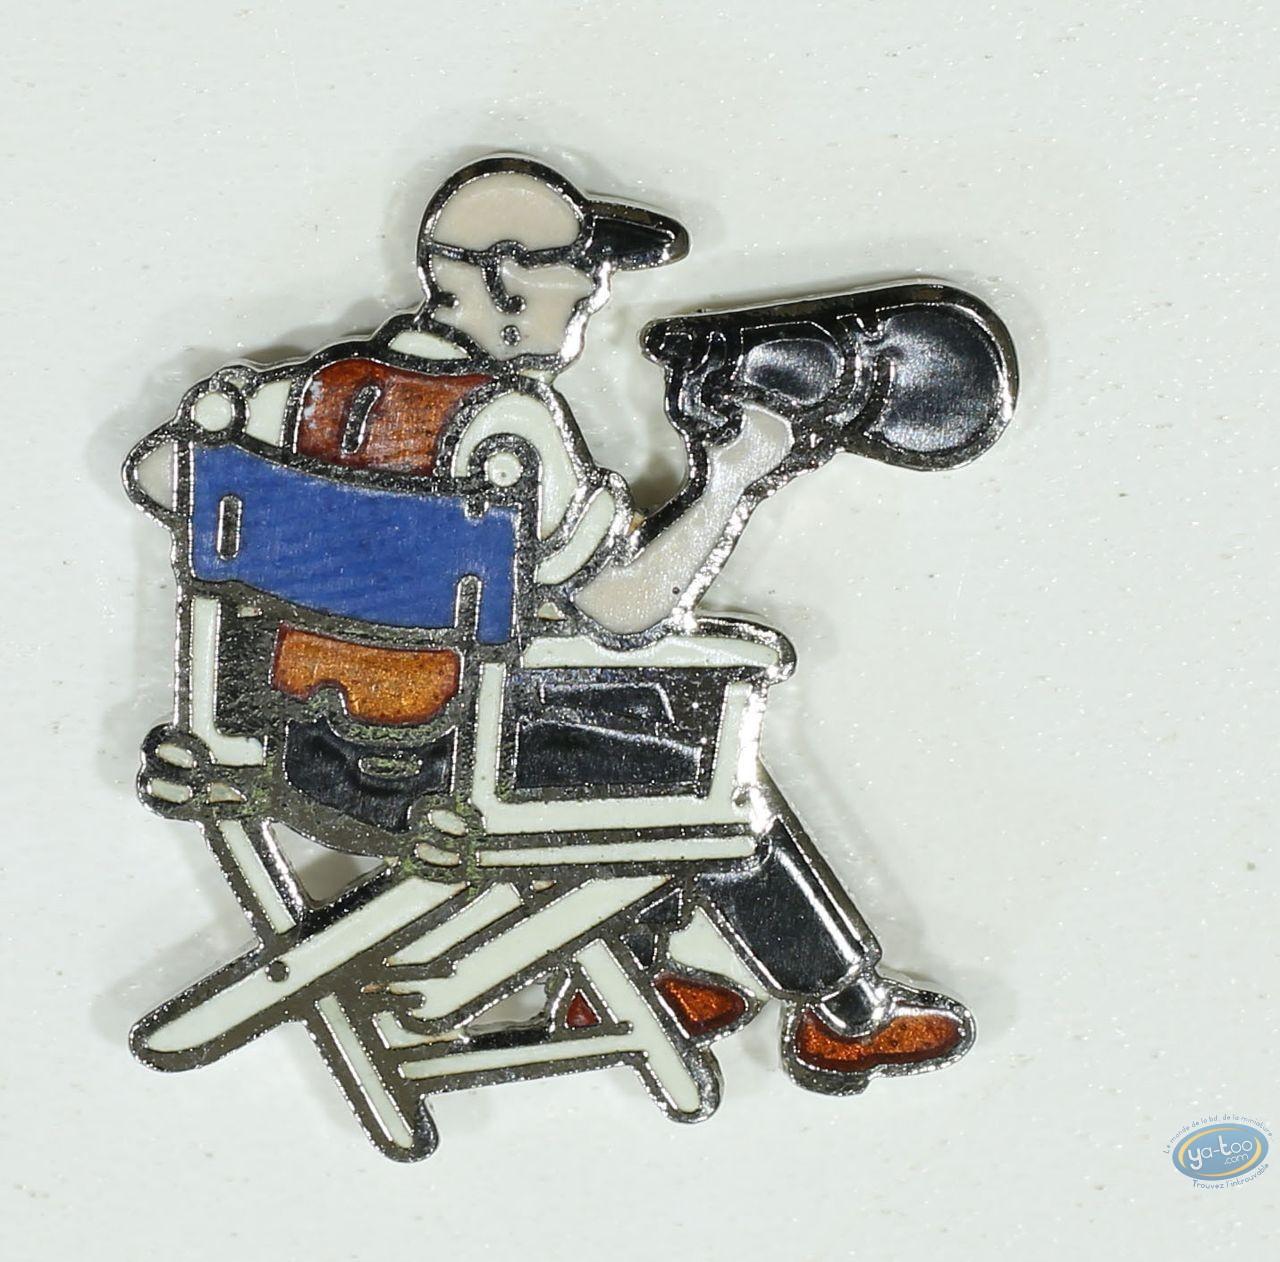 Pin's, Réalisateur sur chaise (Petit modèle)